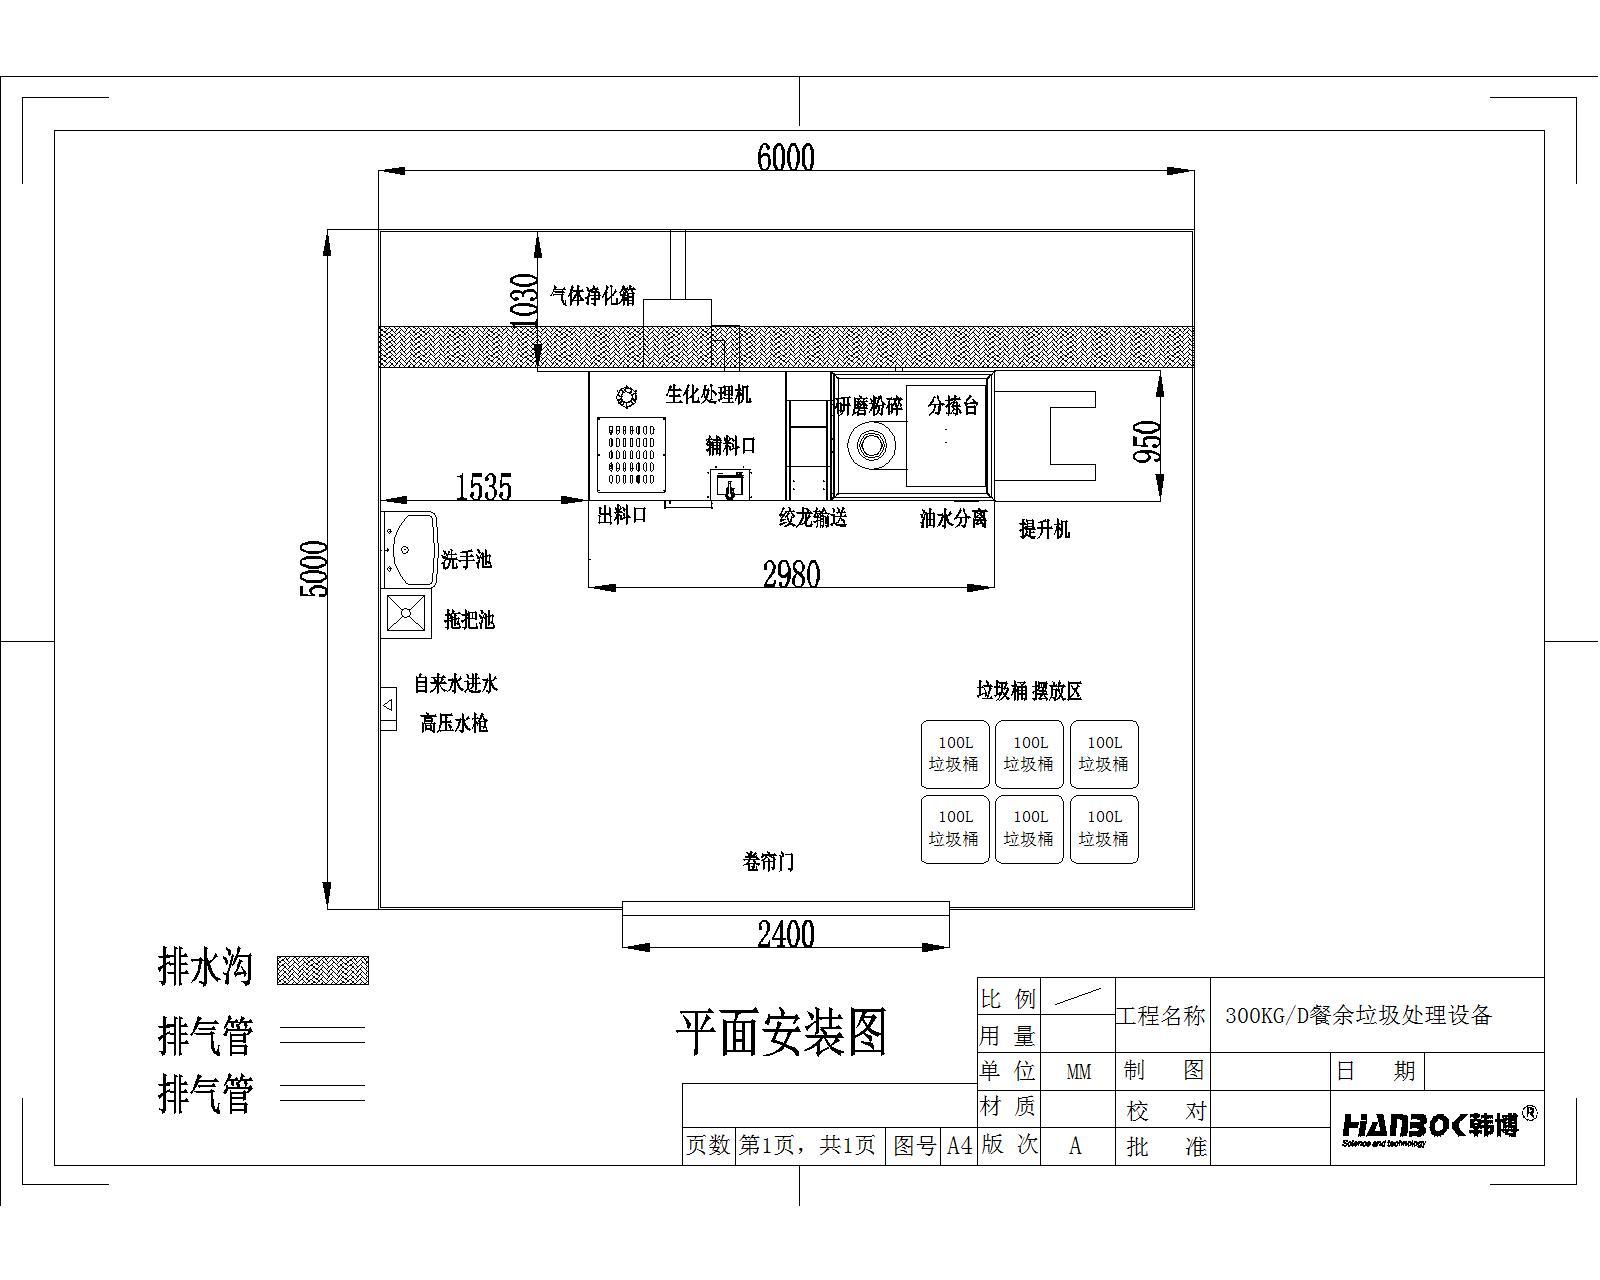 韩博厨余垃圾处理设备平面安装图1-厨余300